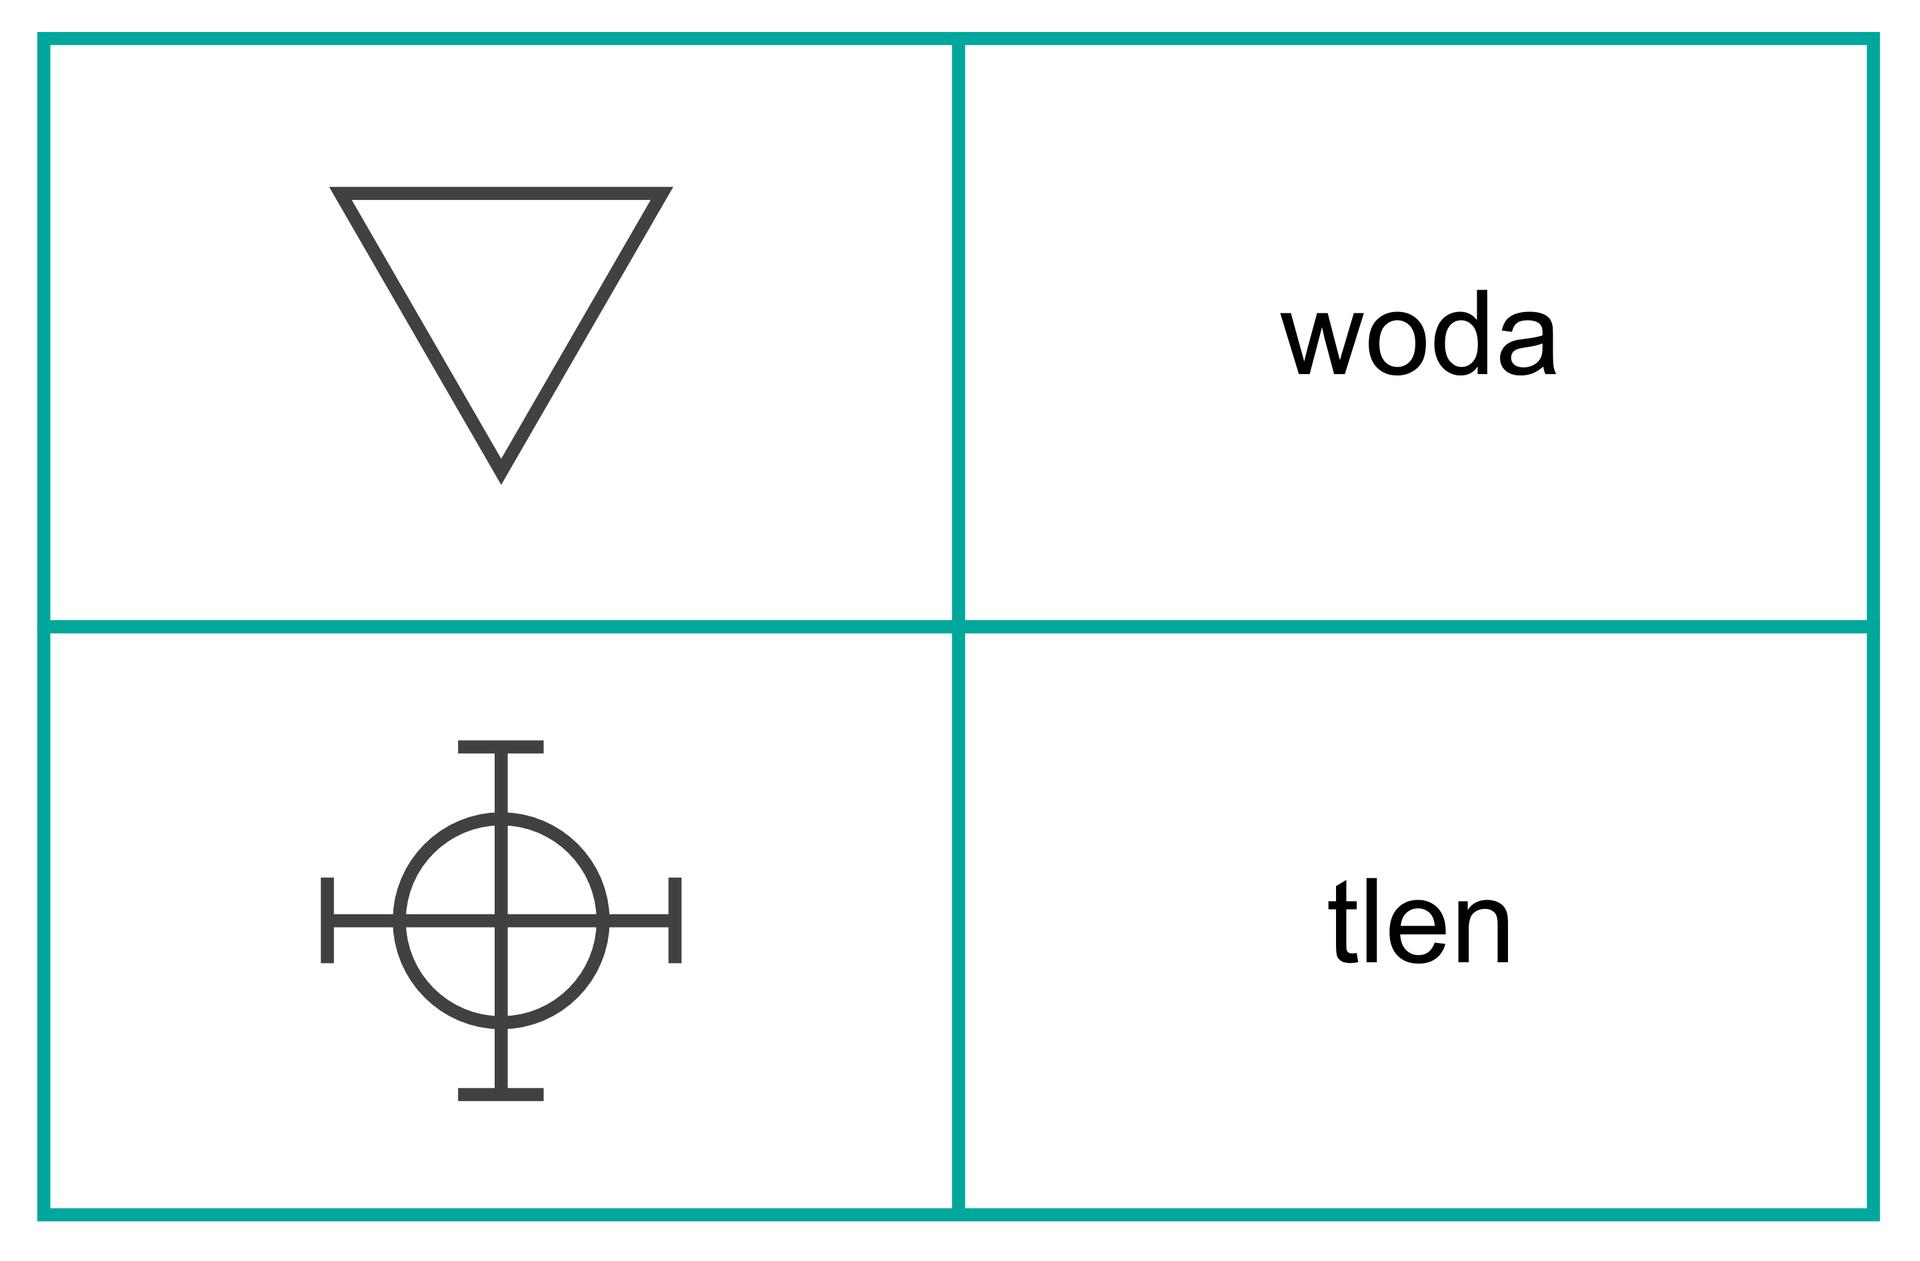 Rysunki symboli wody itlenu używanych wdziele Antoine Lavoisiera pod tytułem Oeuvre. Dla wody jest to odwrócony trójkąt, adla tlenu symbol przypominający krzyż celtycki.